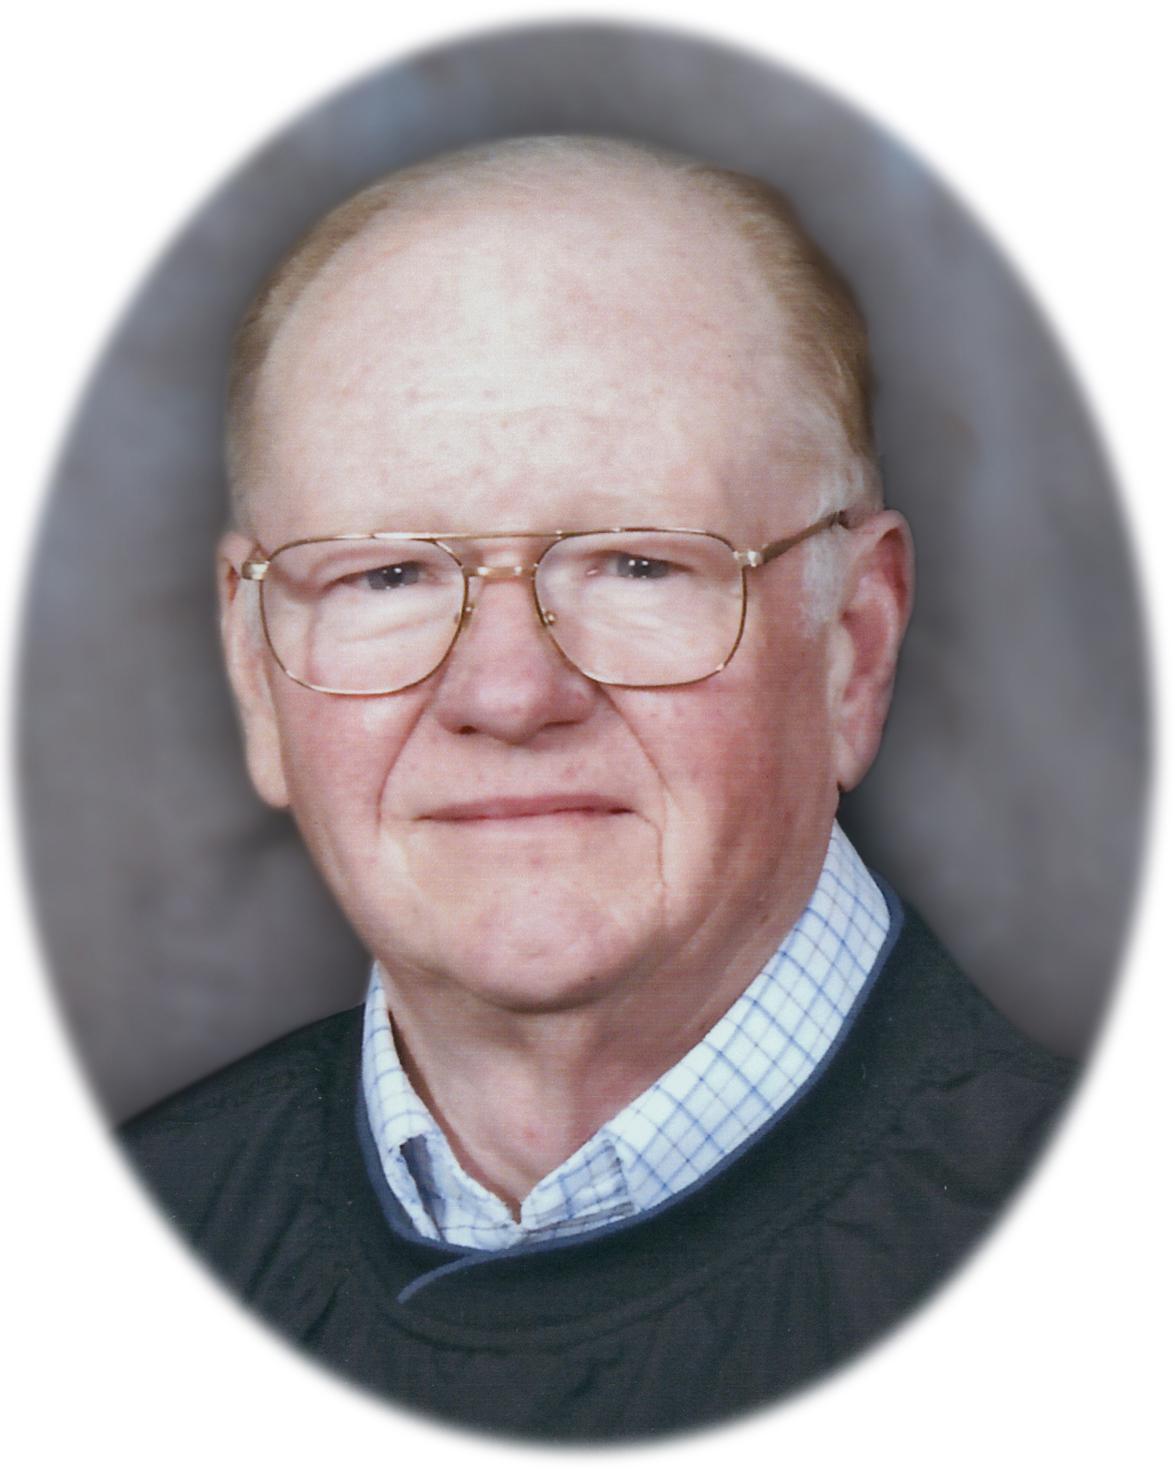 Gary R. Rosenbaum